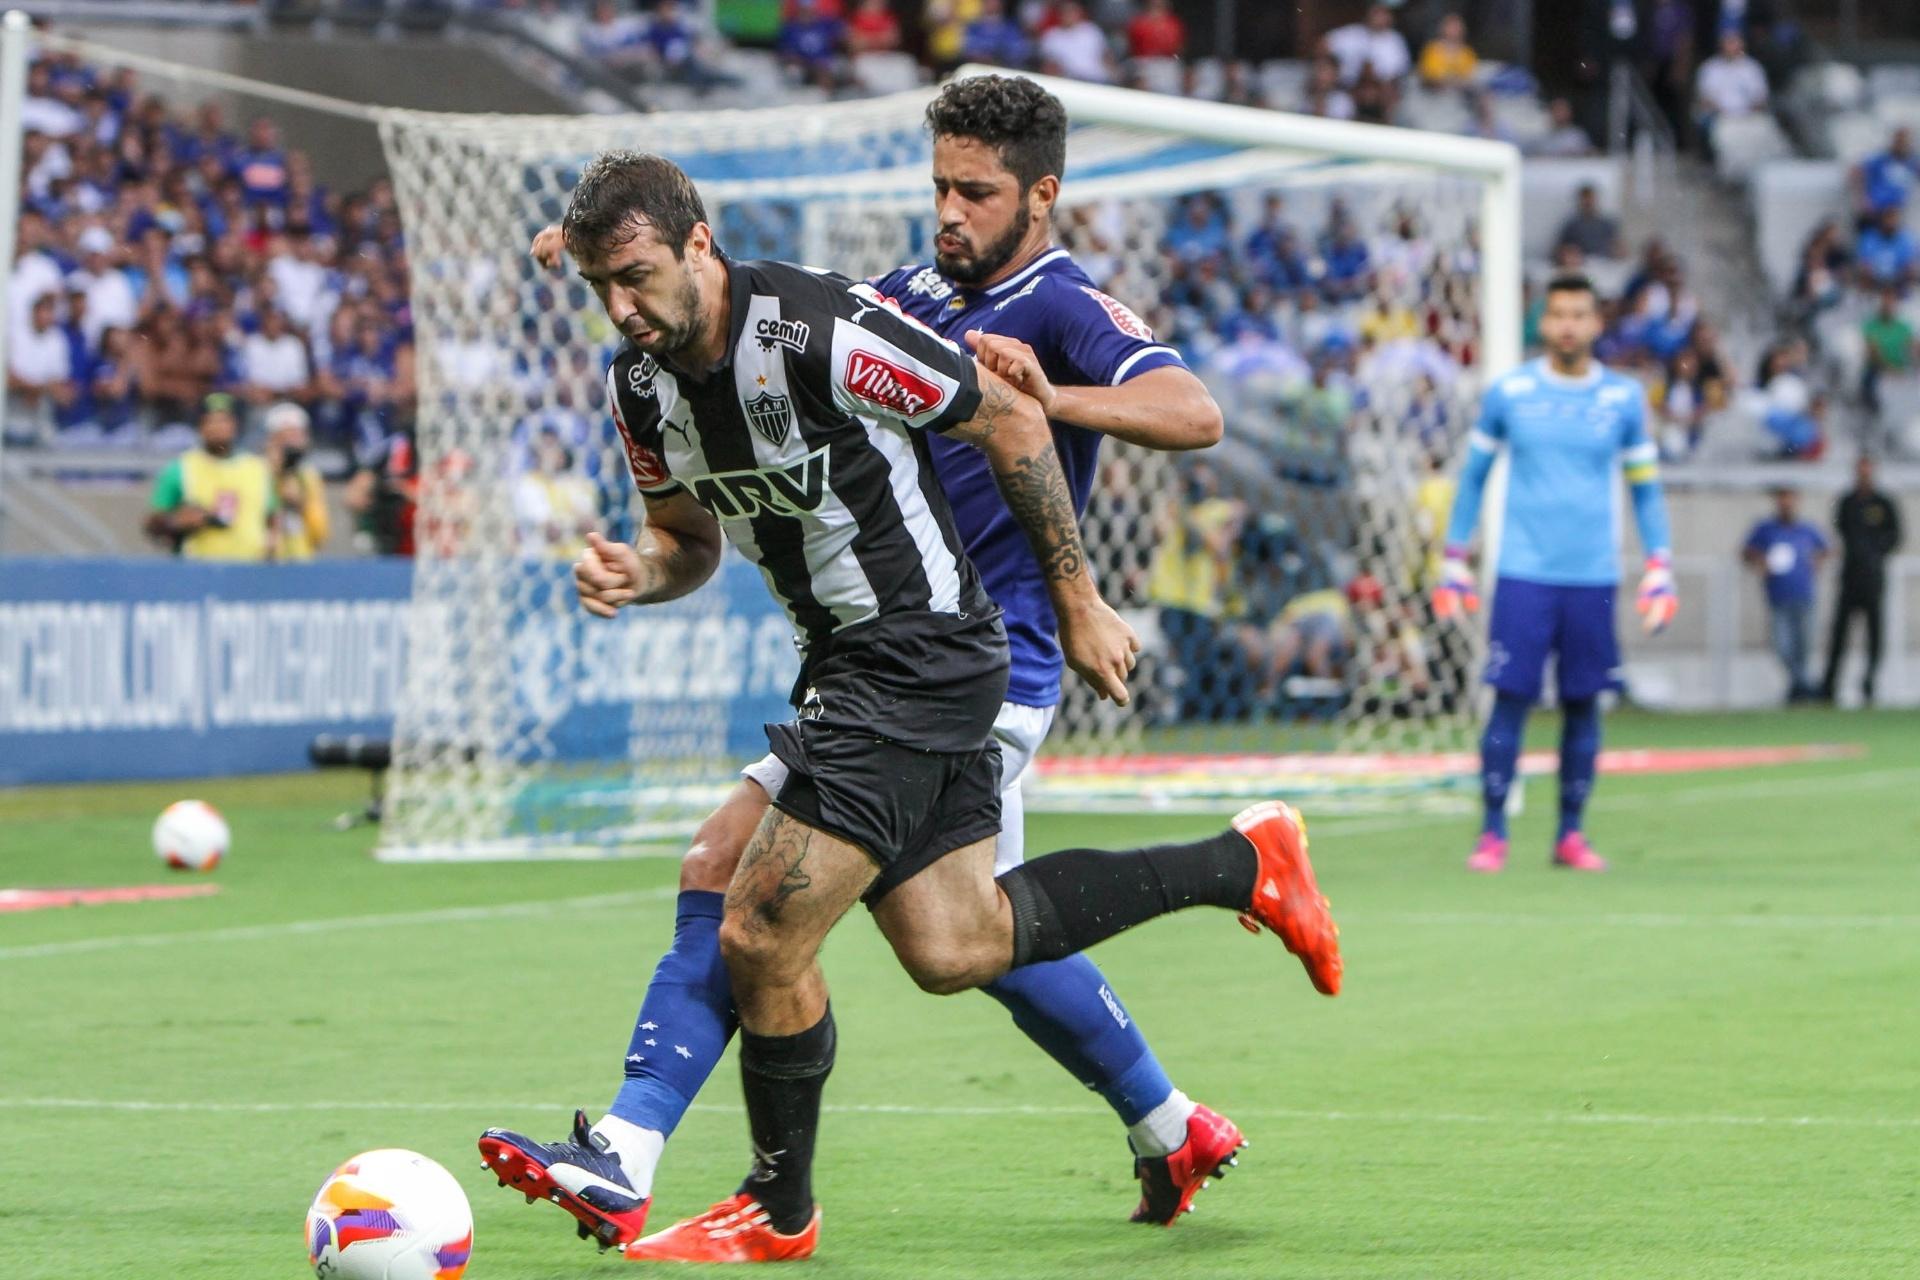 4a722ea114 Tabu faz o Atlético-MG ter meio time que ainda não venceu o Cruzeiro -  Esporte - BOL